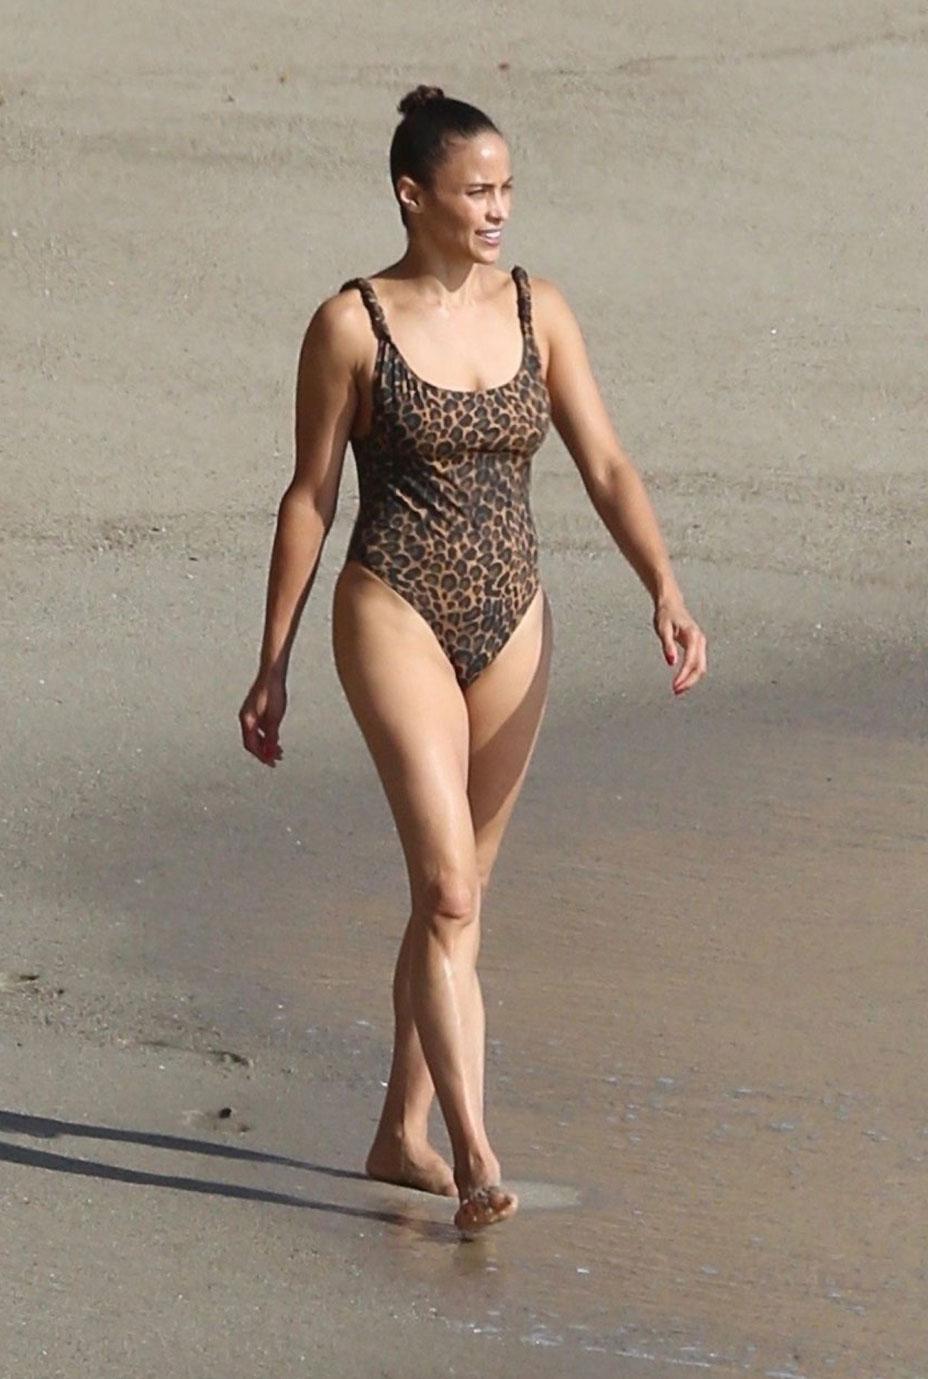 Paula Patton nude sexy in bikini